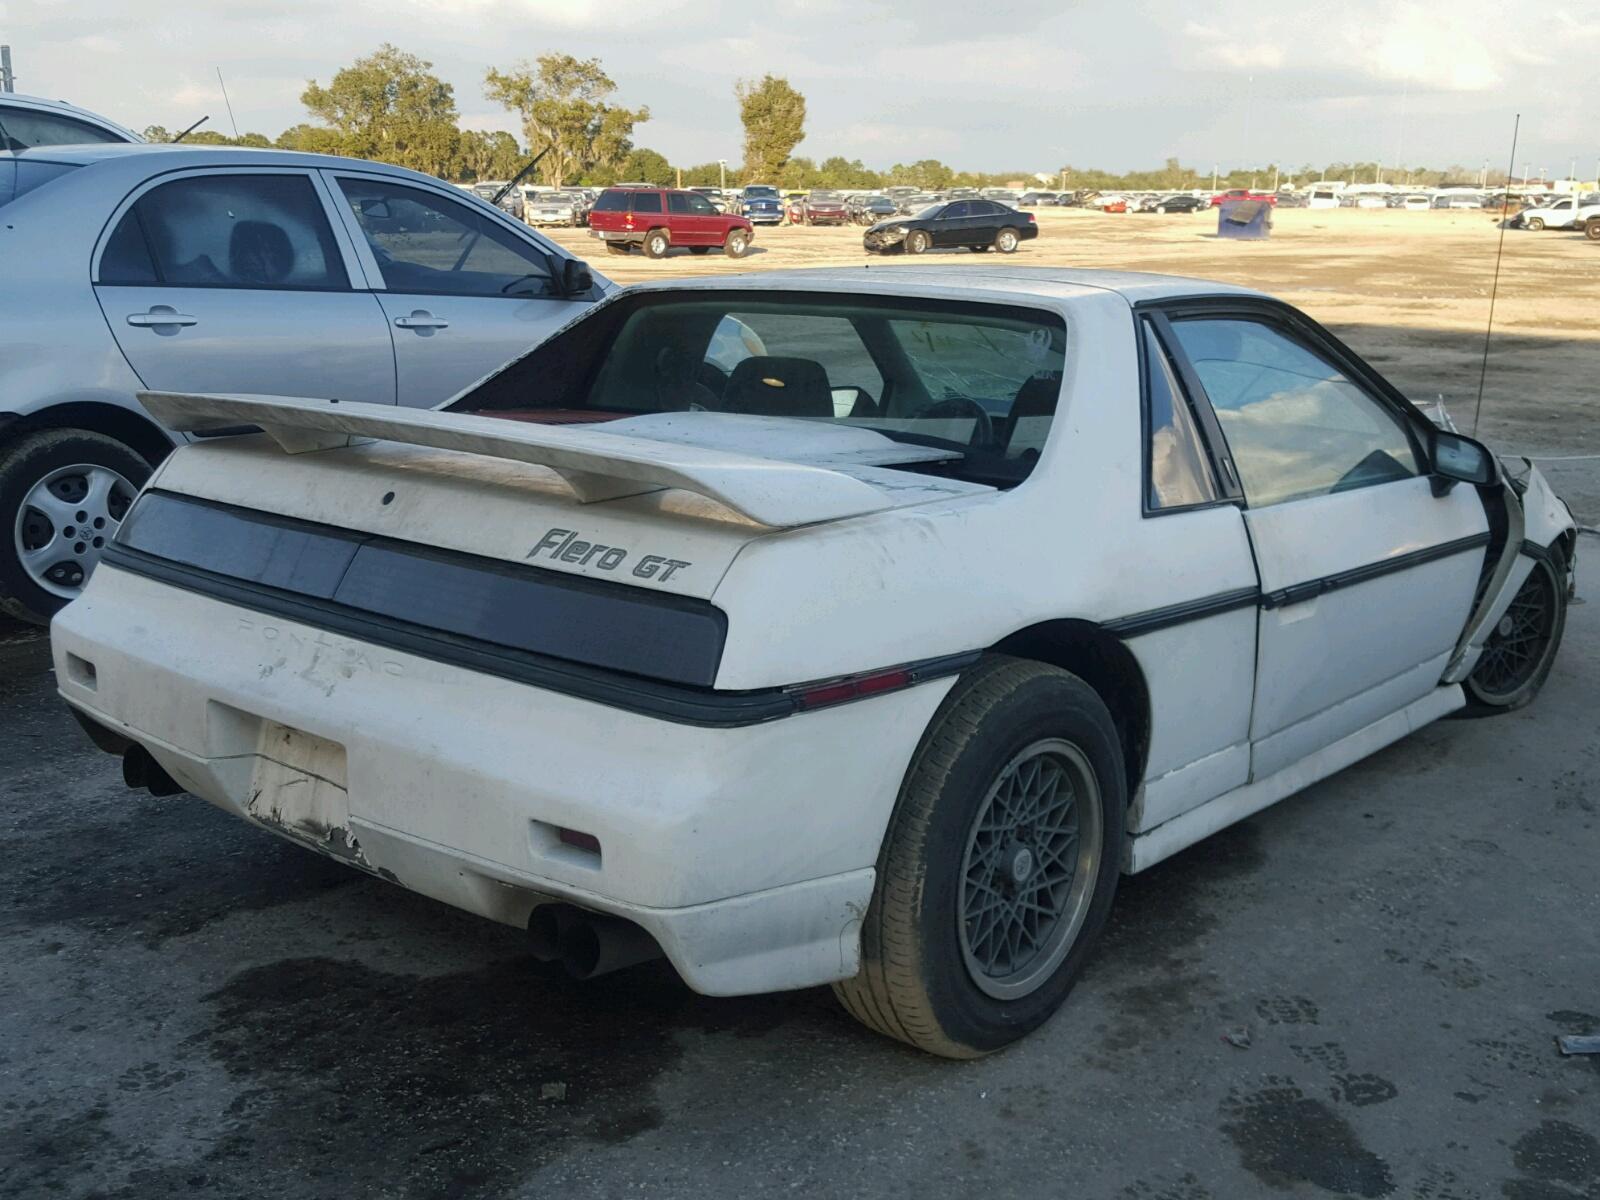 1g2pg3794fp223744 1985 White Pontiac Fiero Gt On Sale In Fl Dashboard 28l Rear View